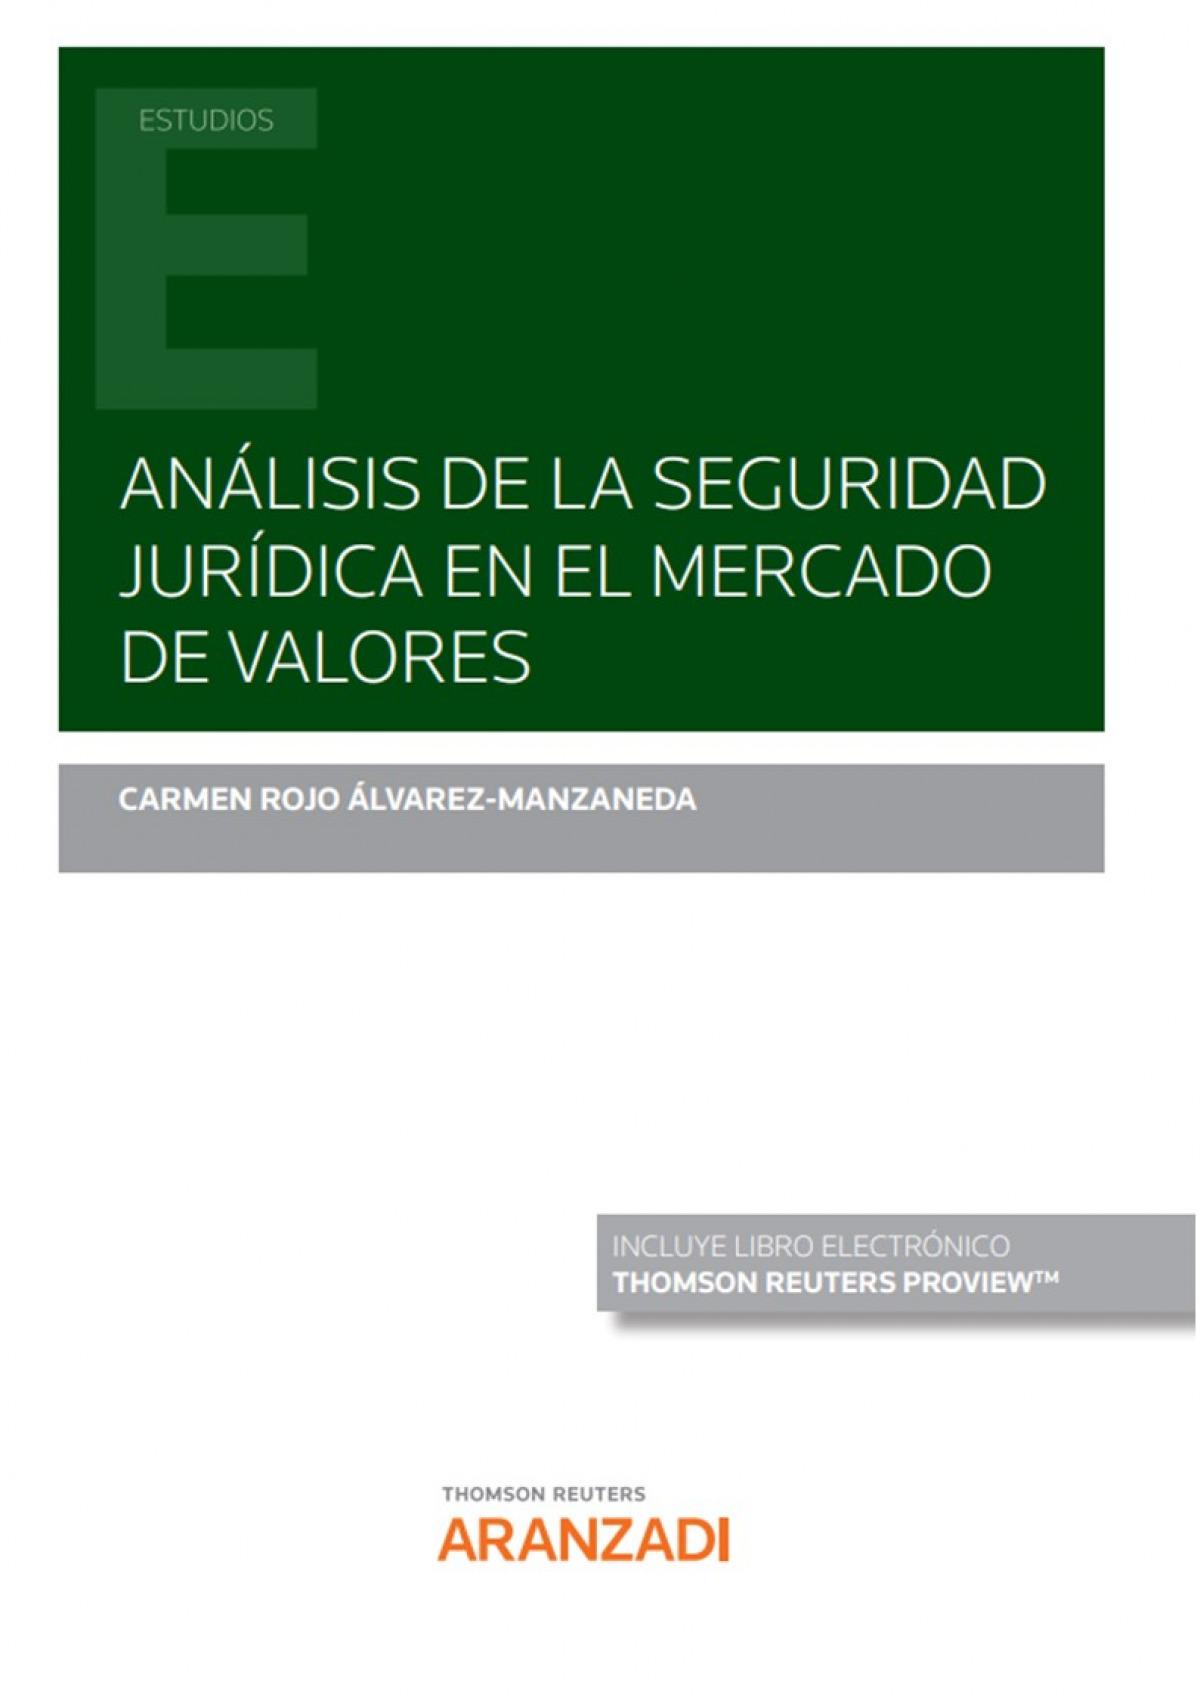 Análisis de la seguridad jurídica en el mercado de valores (DÚO)